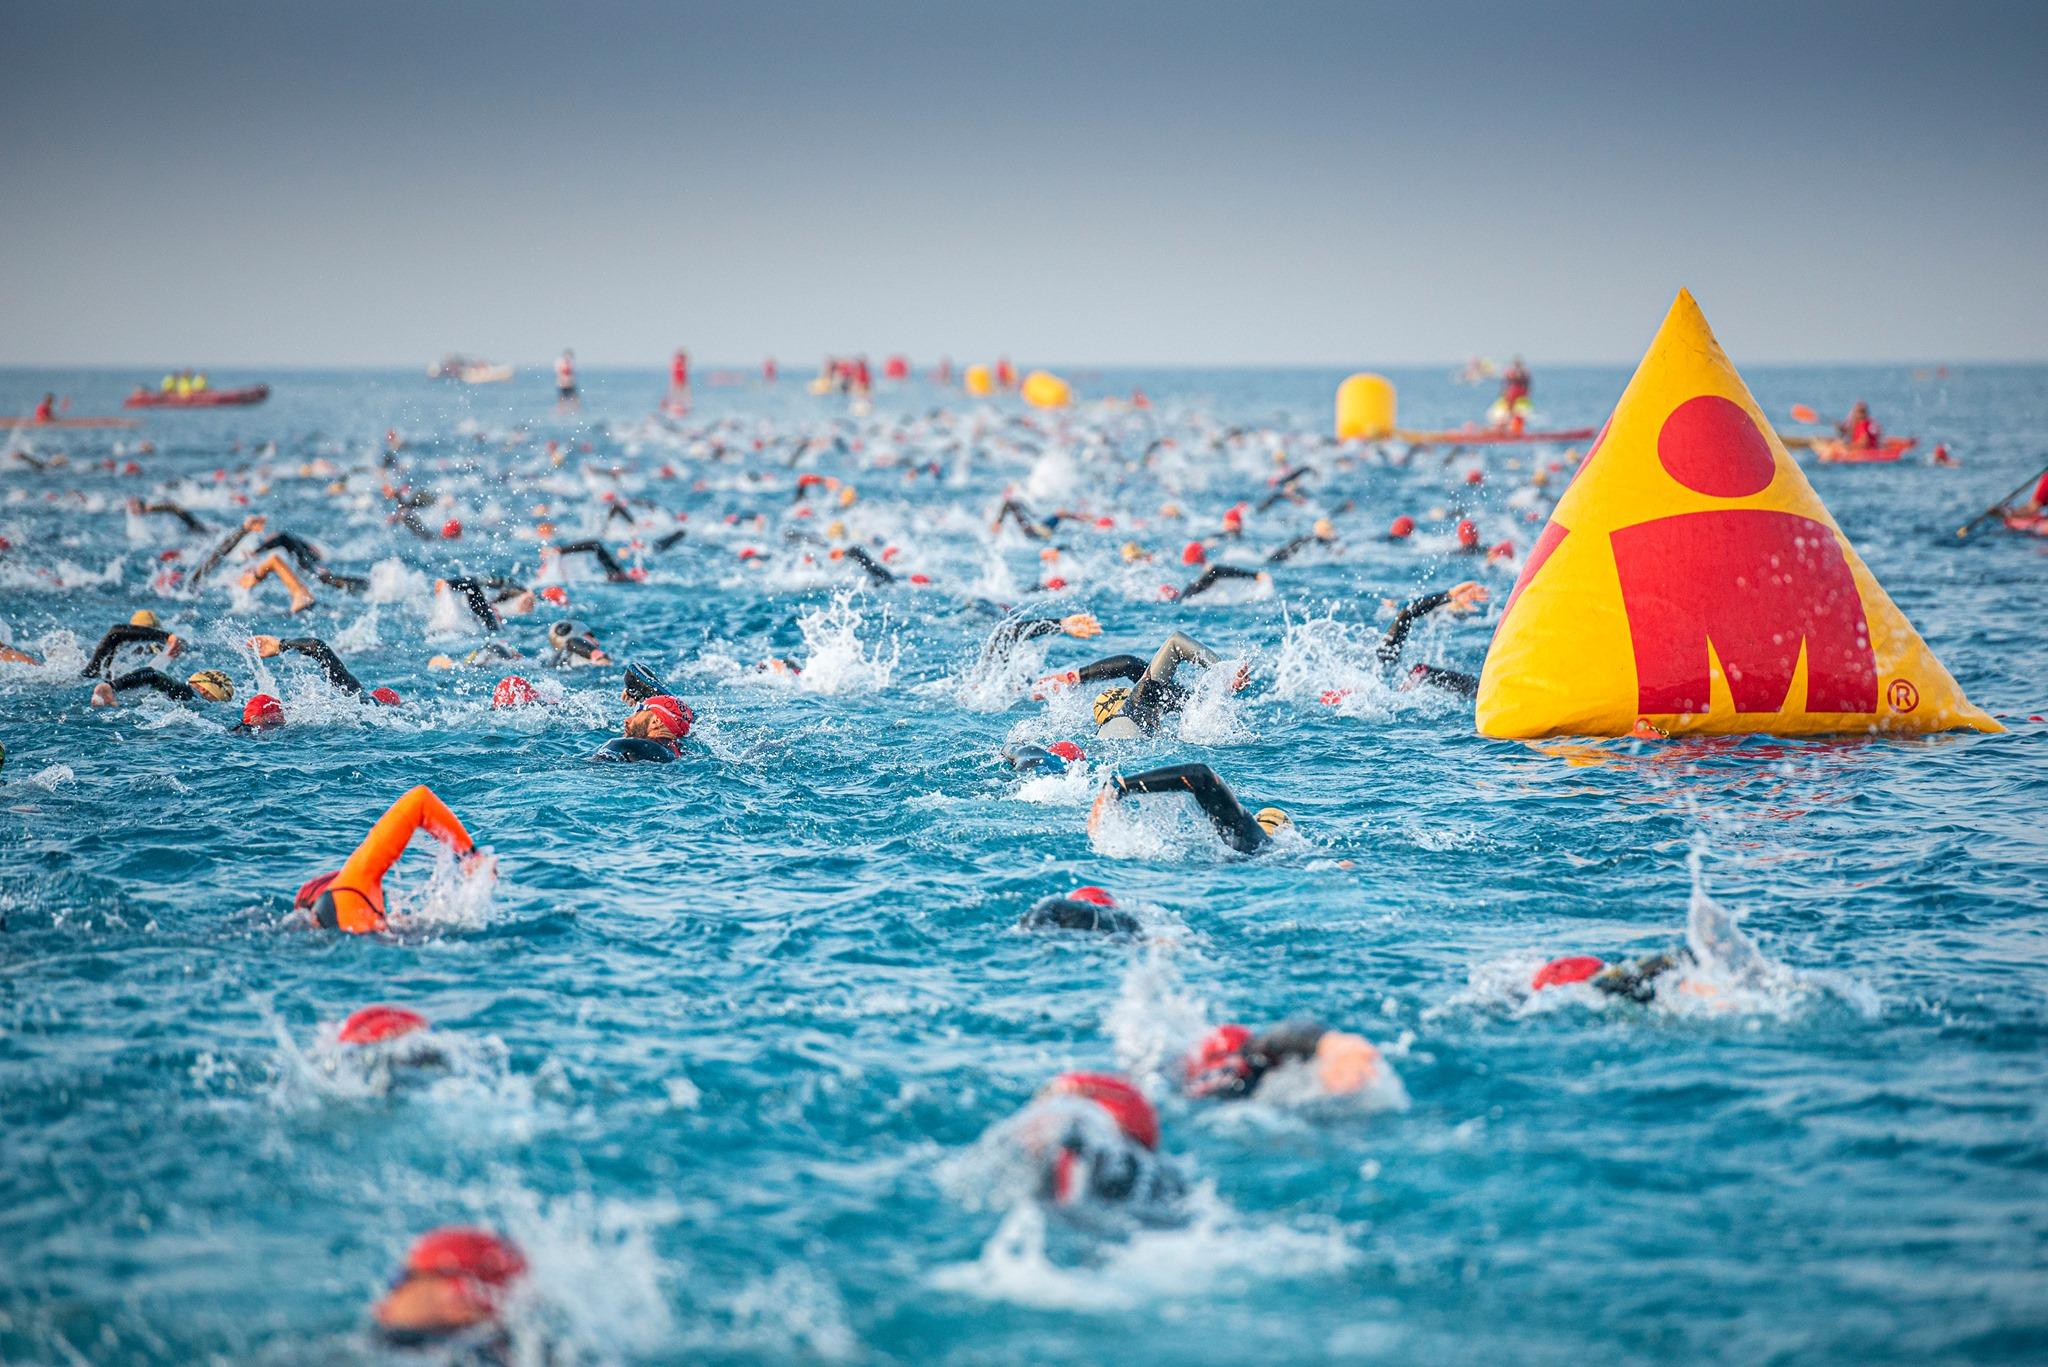 Les événements du printemps 2020 sur la Côte d'Azur - Credit Ironman France Nice